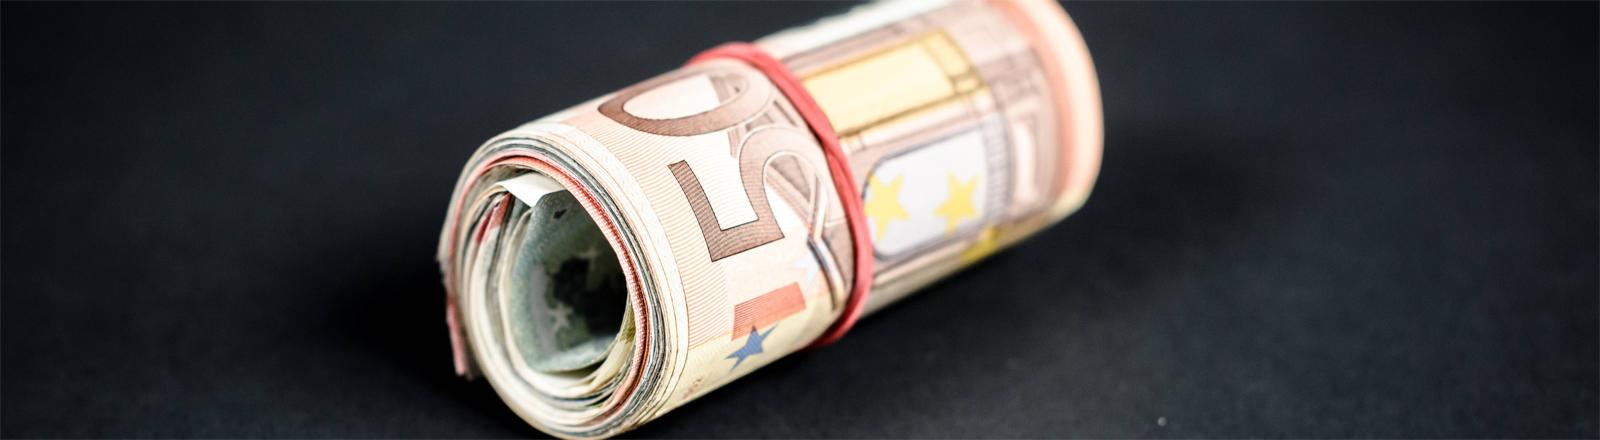 Bündel mit gerollten Euroscheinen